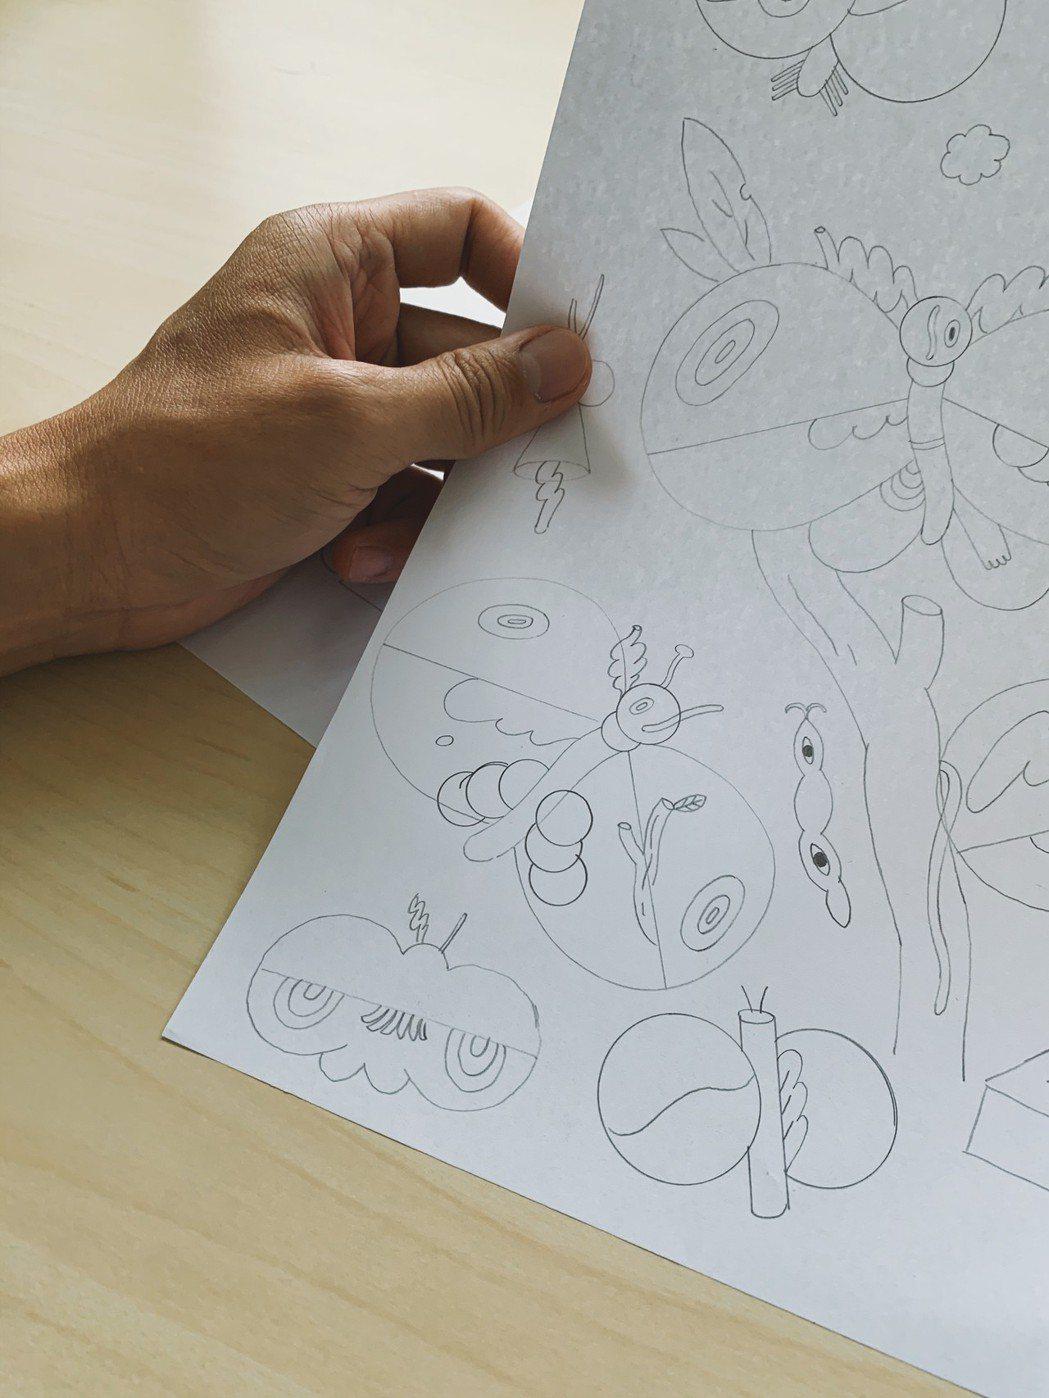 川貝母習慣早上構思草圖,下午則是用來確認構圖、描線稿或上色。 圖/川貝母提供